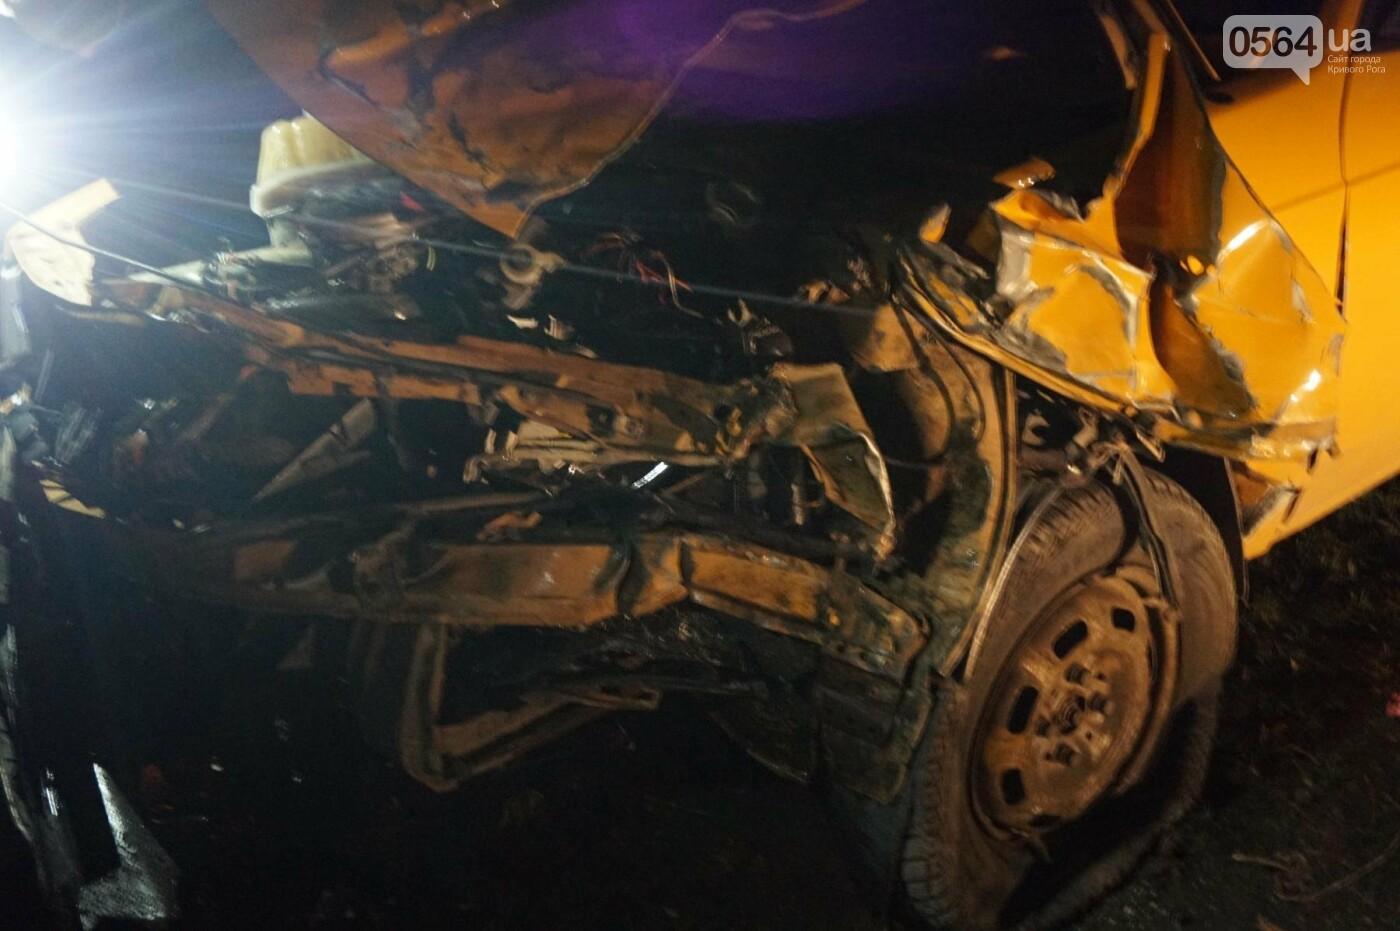 В результате ДТП в Кривом Роге пострадали два пешехода (ФОТО), фото-8